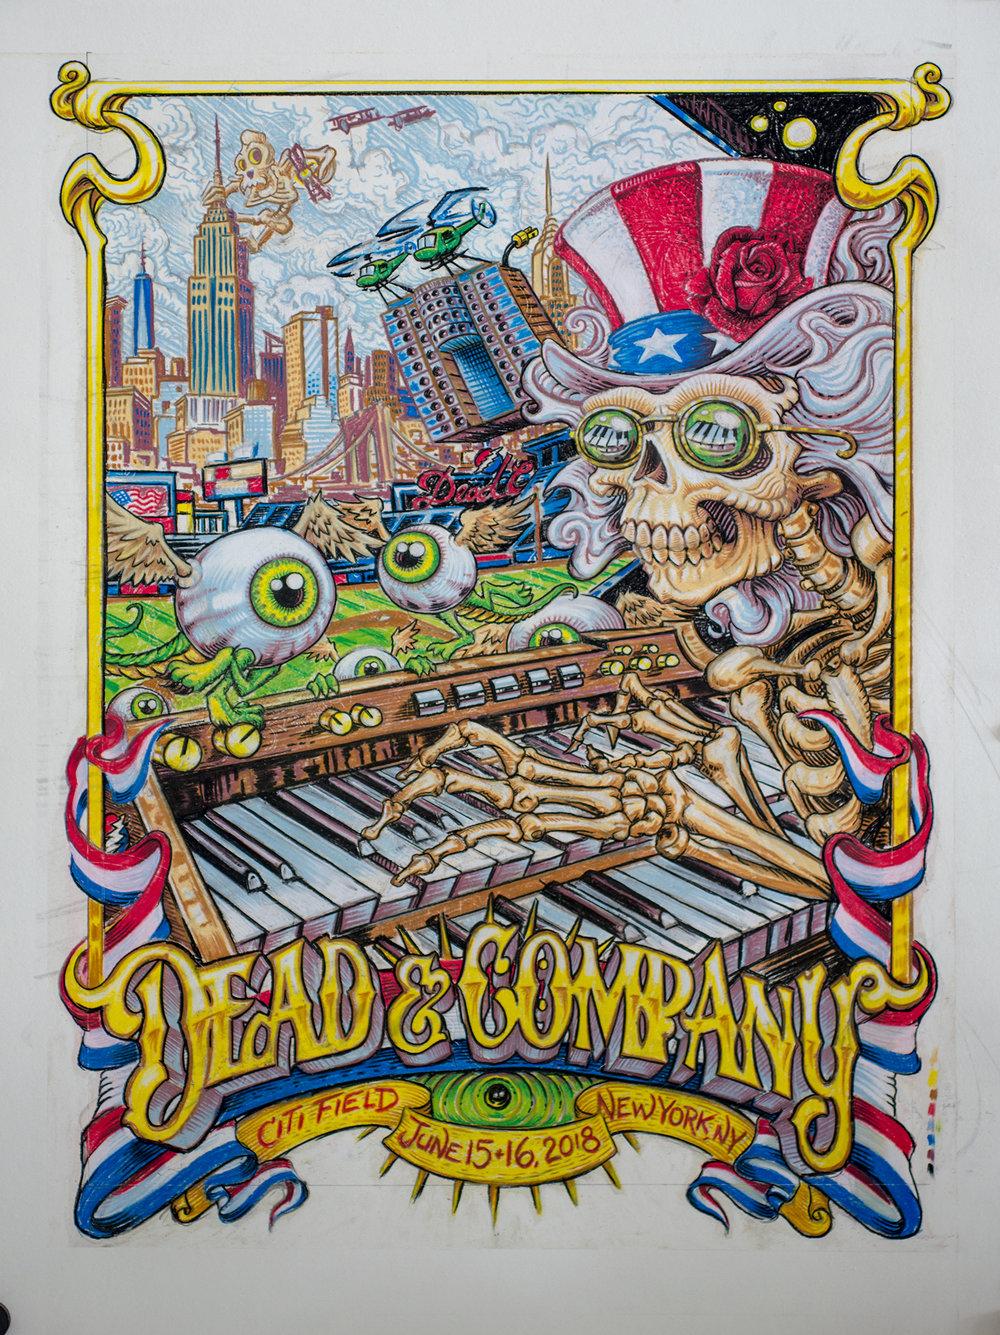 Dead & Company Citi Field